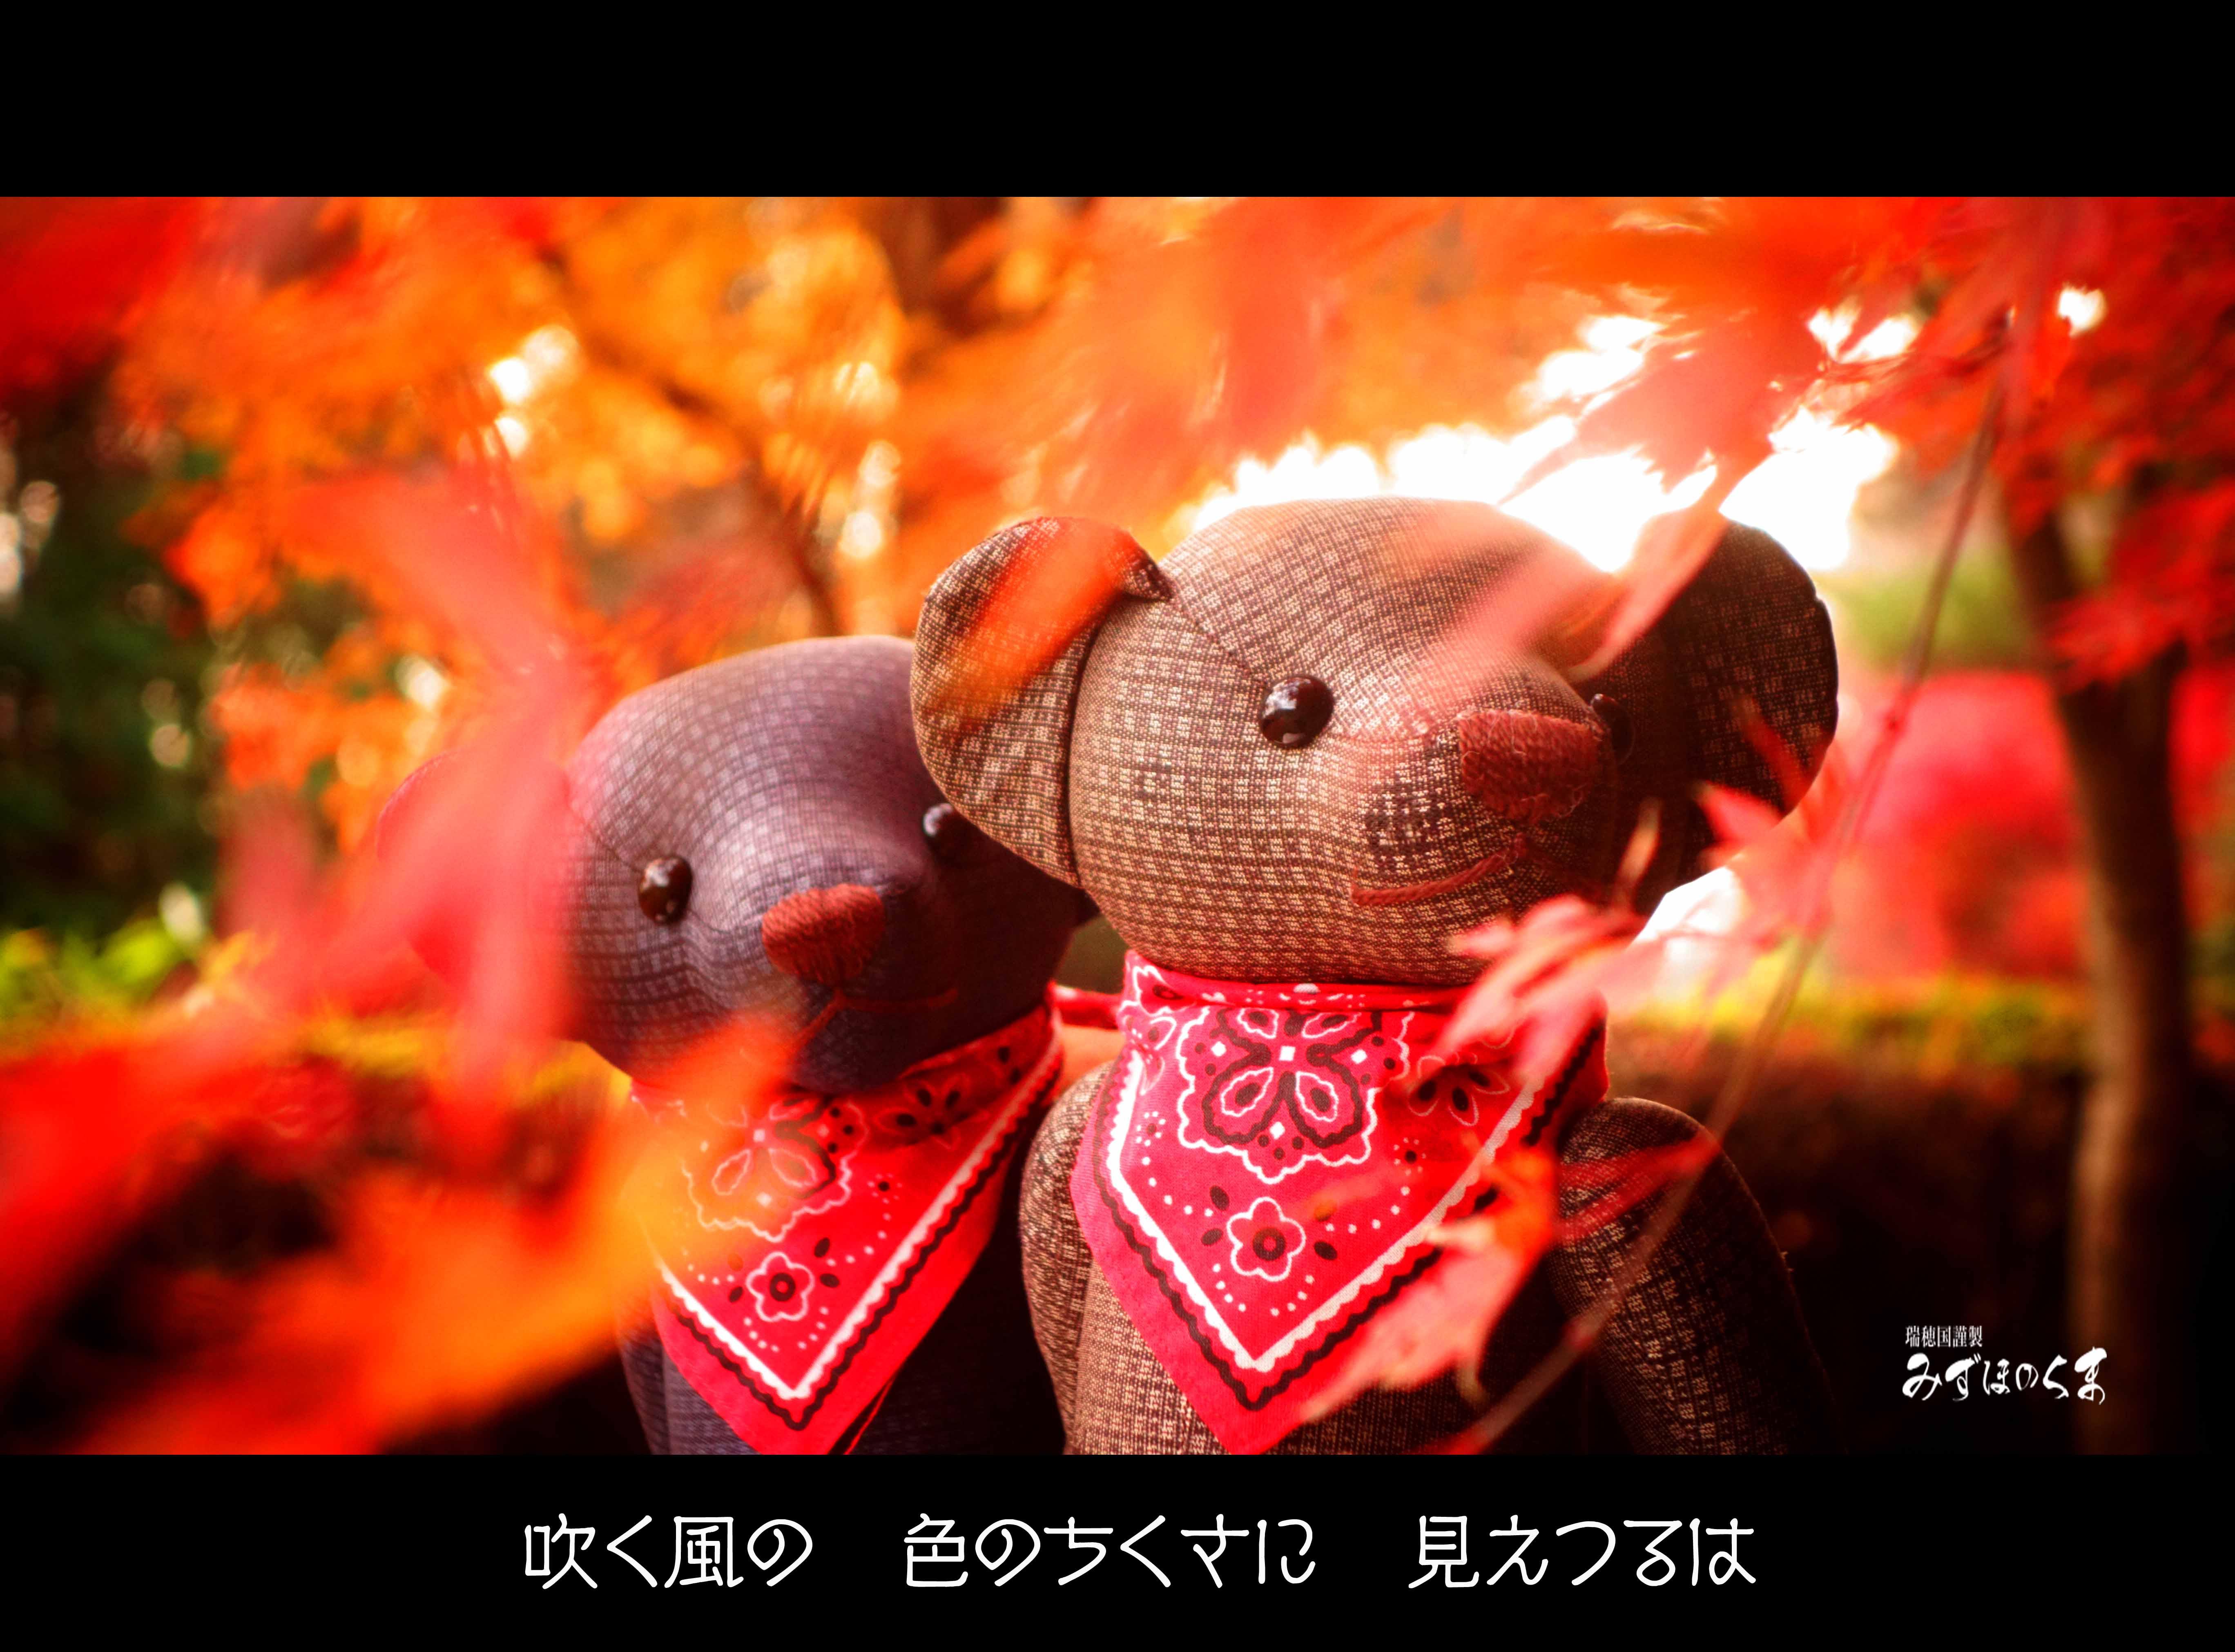 【秋風と和歌】古今和歌集に学ぶ秋の風の楽しみ方8選